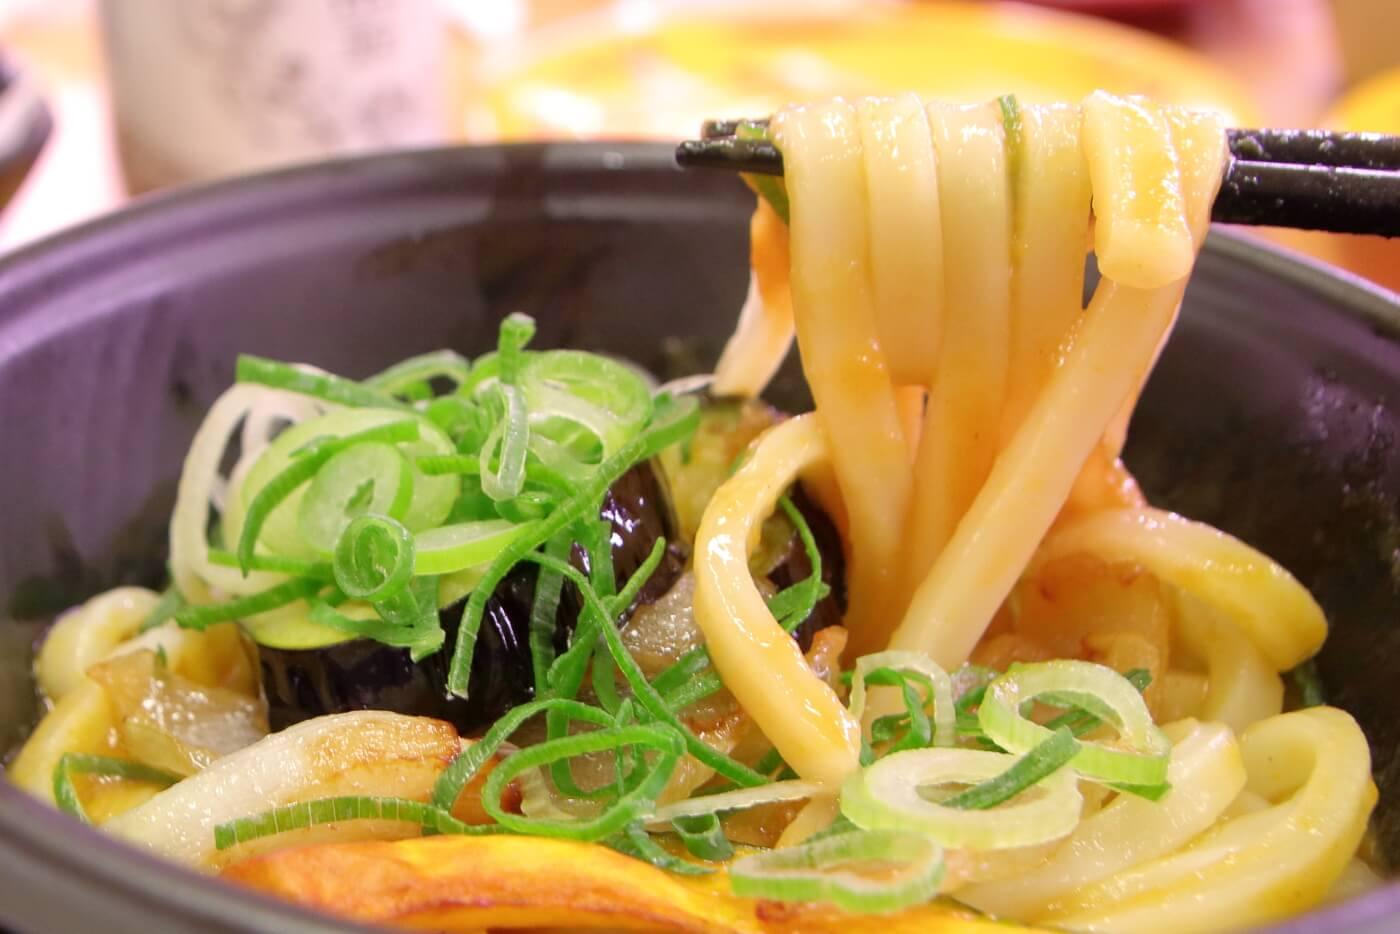 スシロー 匠の一皿 8種の野菜と果物 すりながしカレーうどん